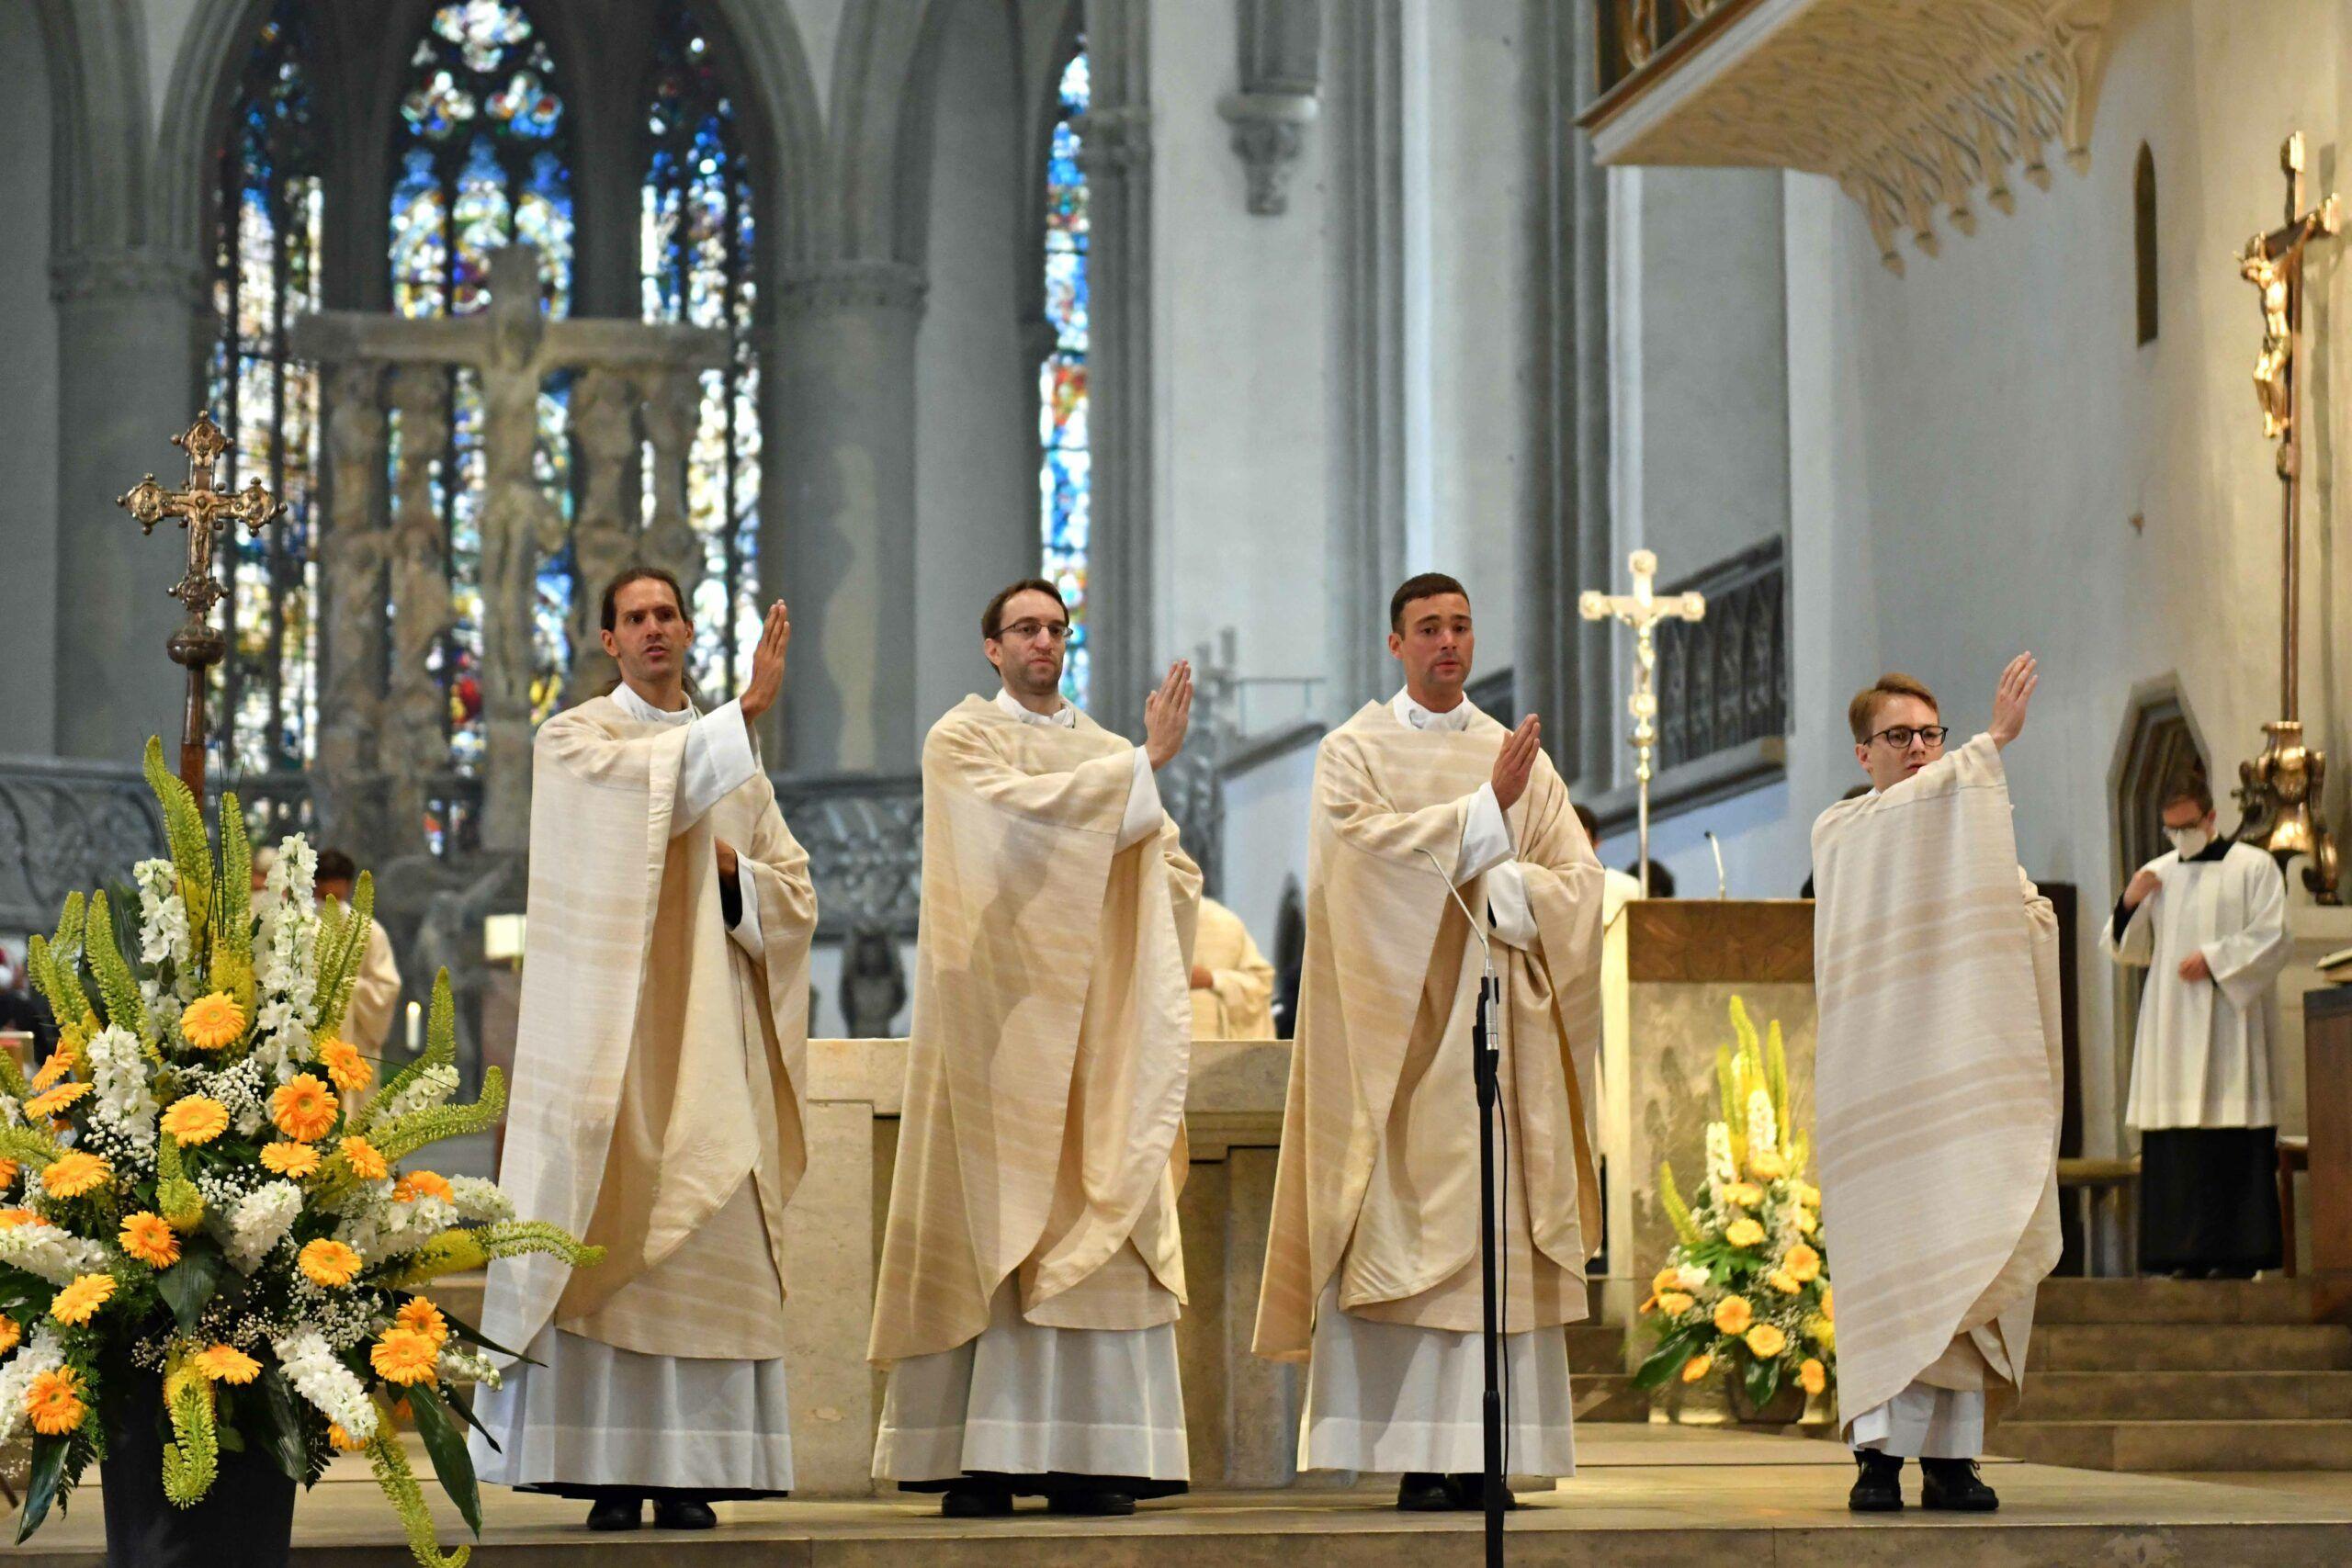 01 Priesterweihe Im Augsburger Dom 2021 Spendung Des Primizsegens Foto Nicolas Schnall Pba Scaled